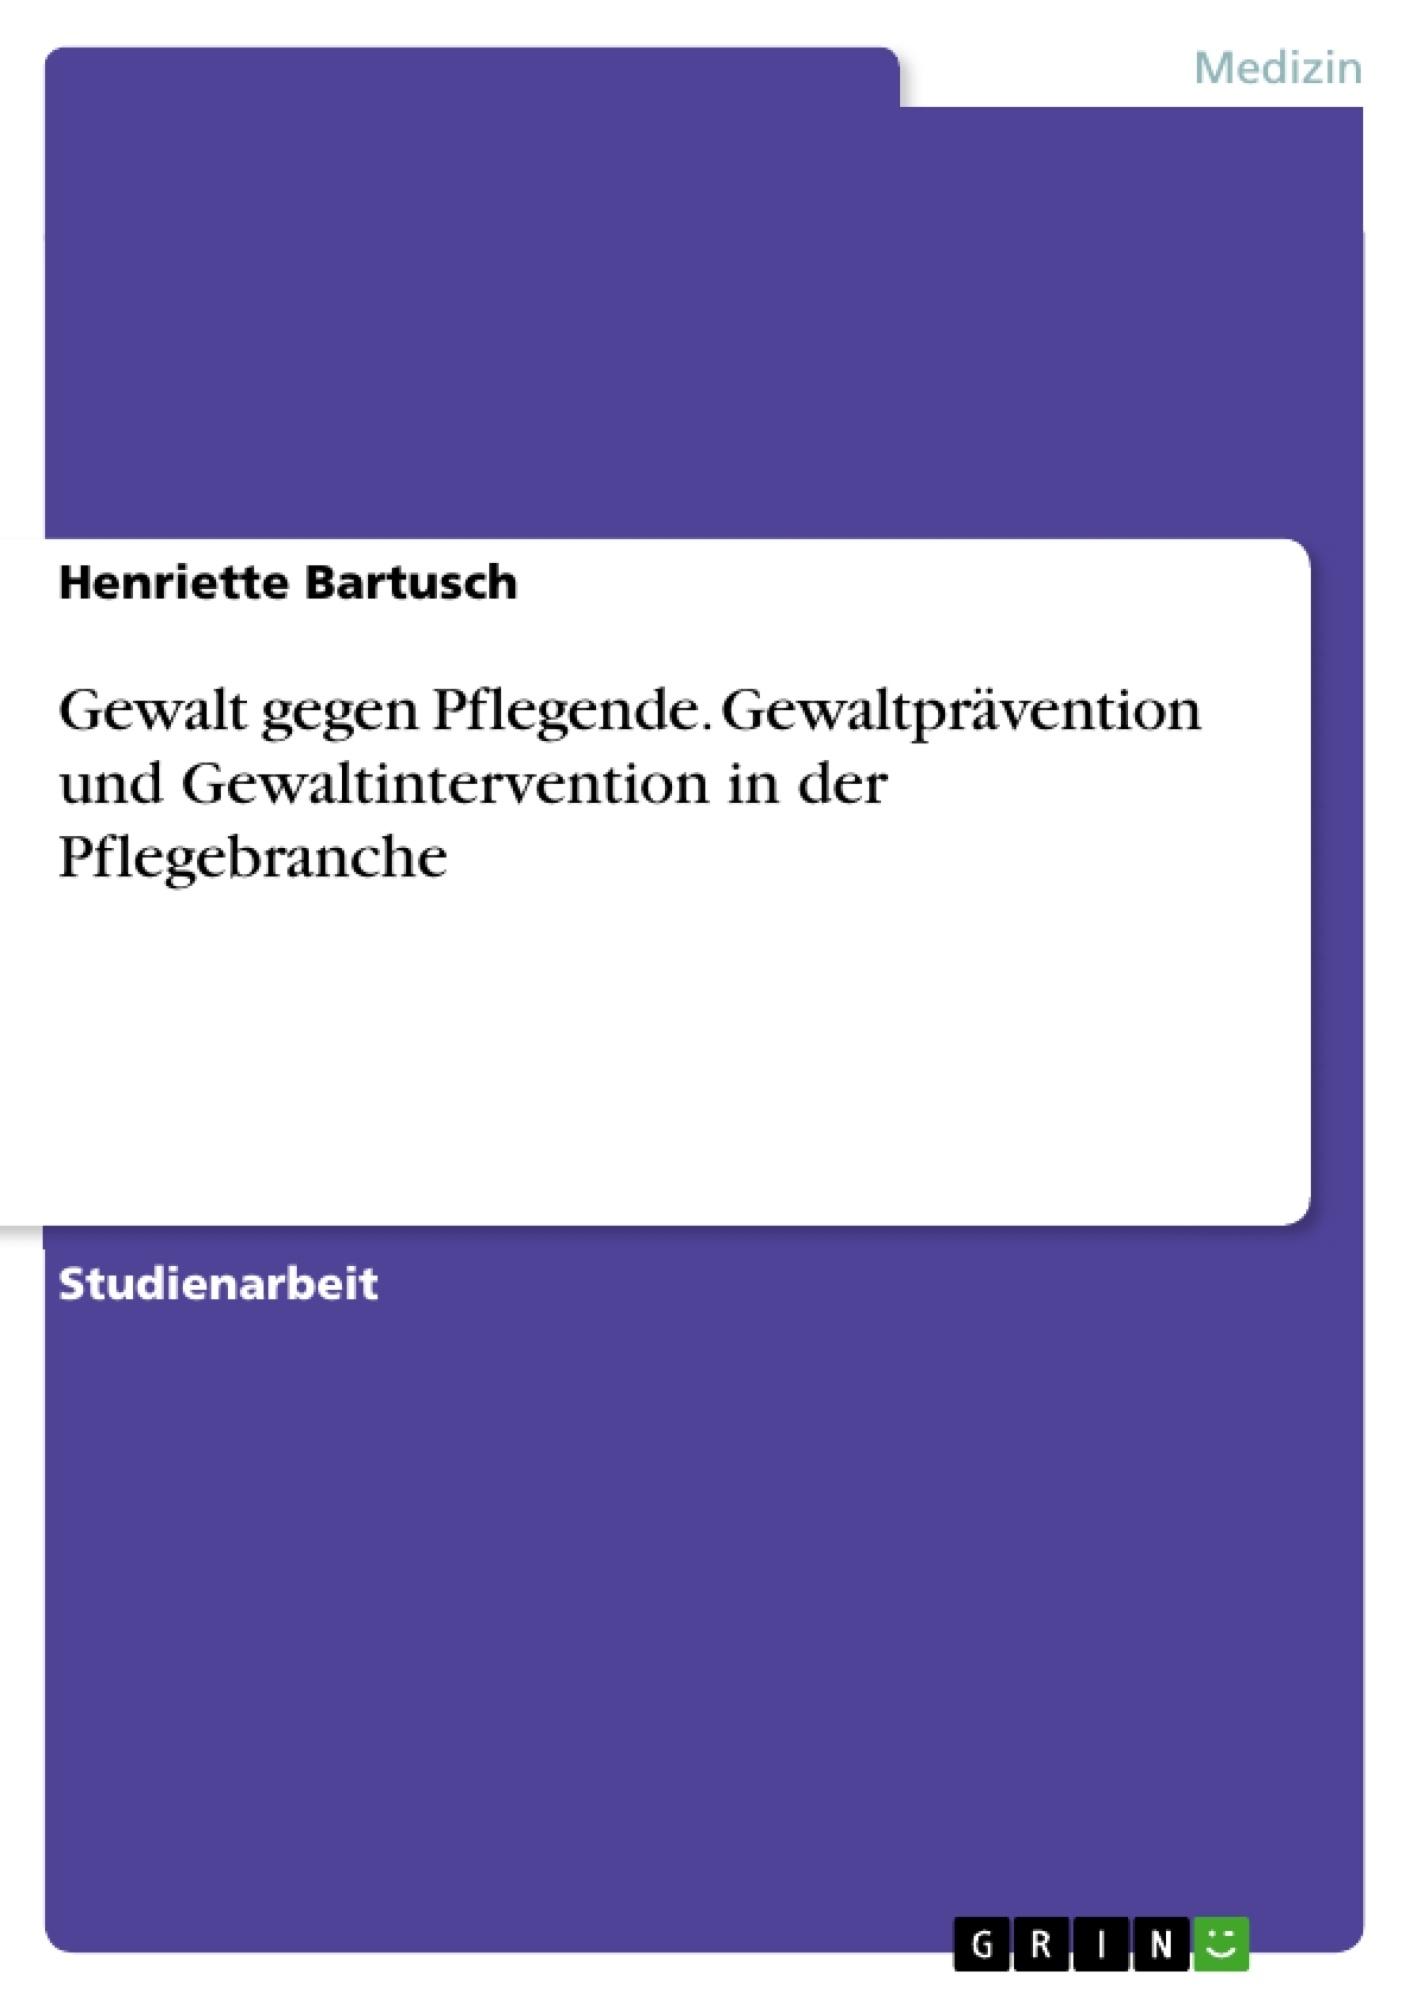 Titel: Gewalt gegen Pflegende. Gewaltprävention und Gewaltintervention in der Pflegebranche